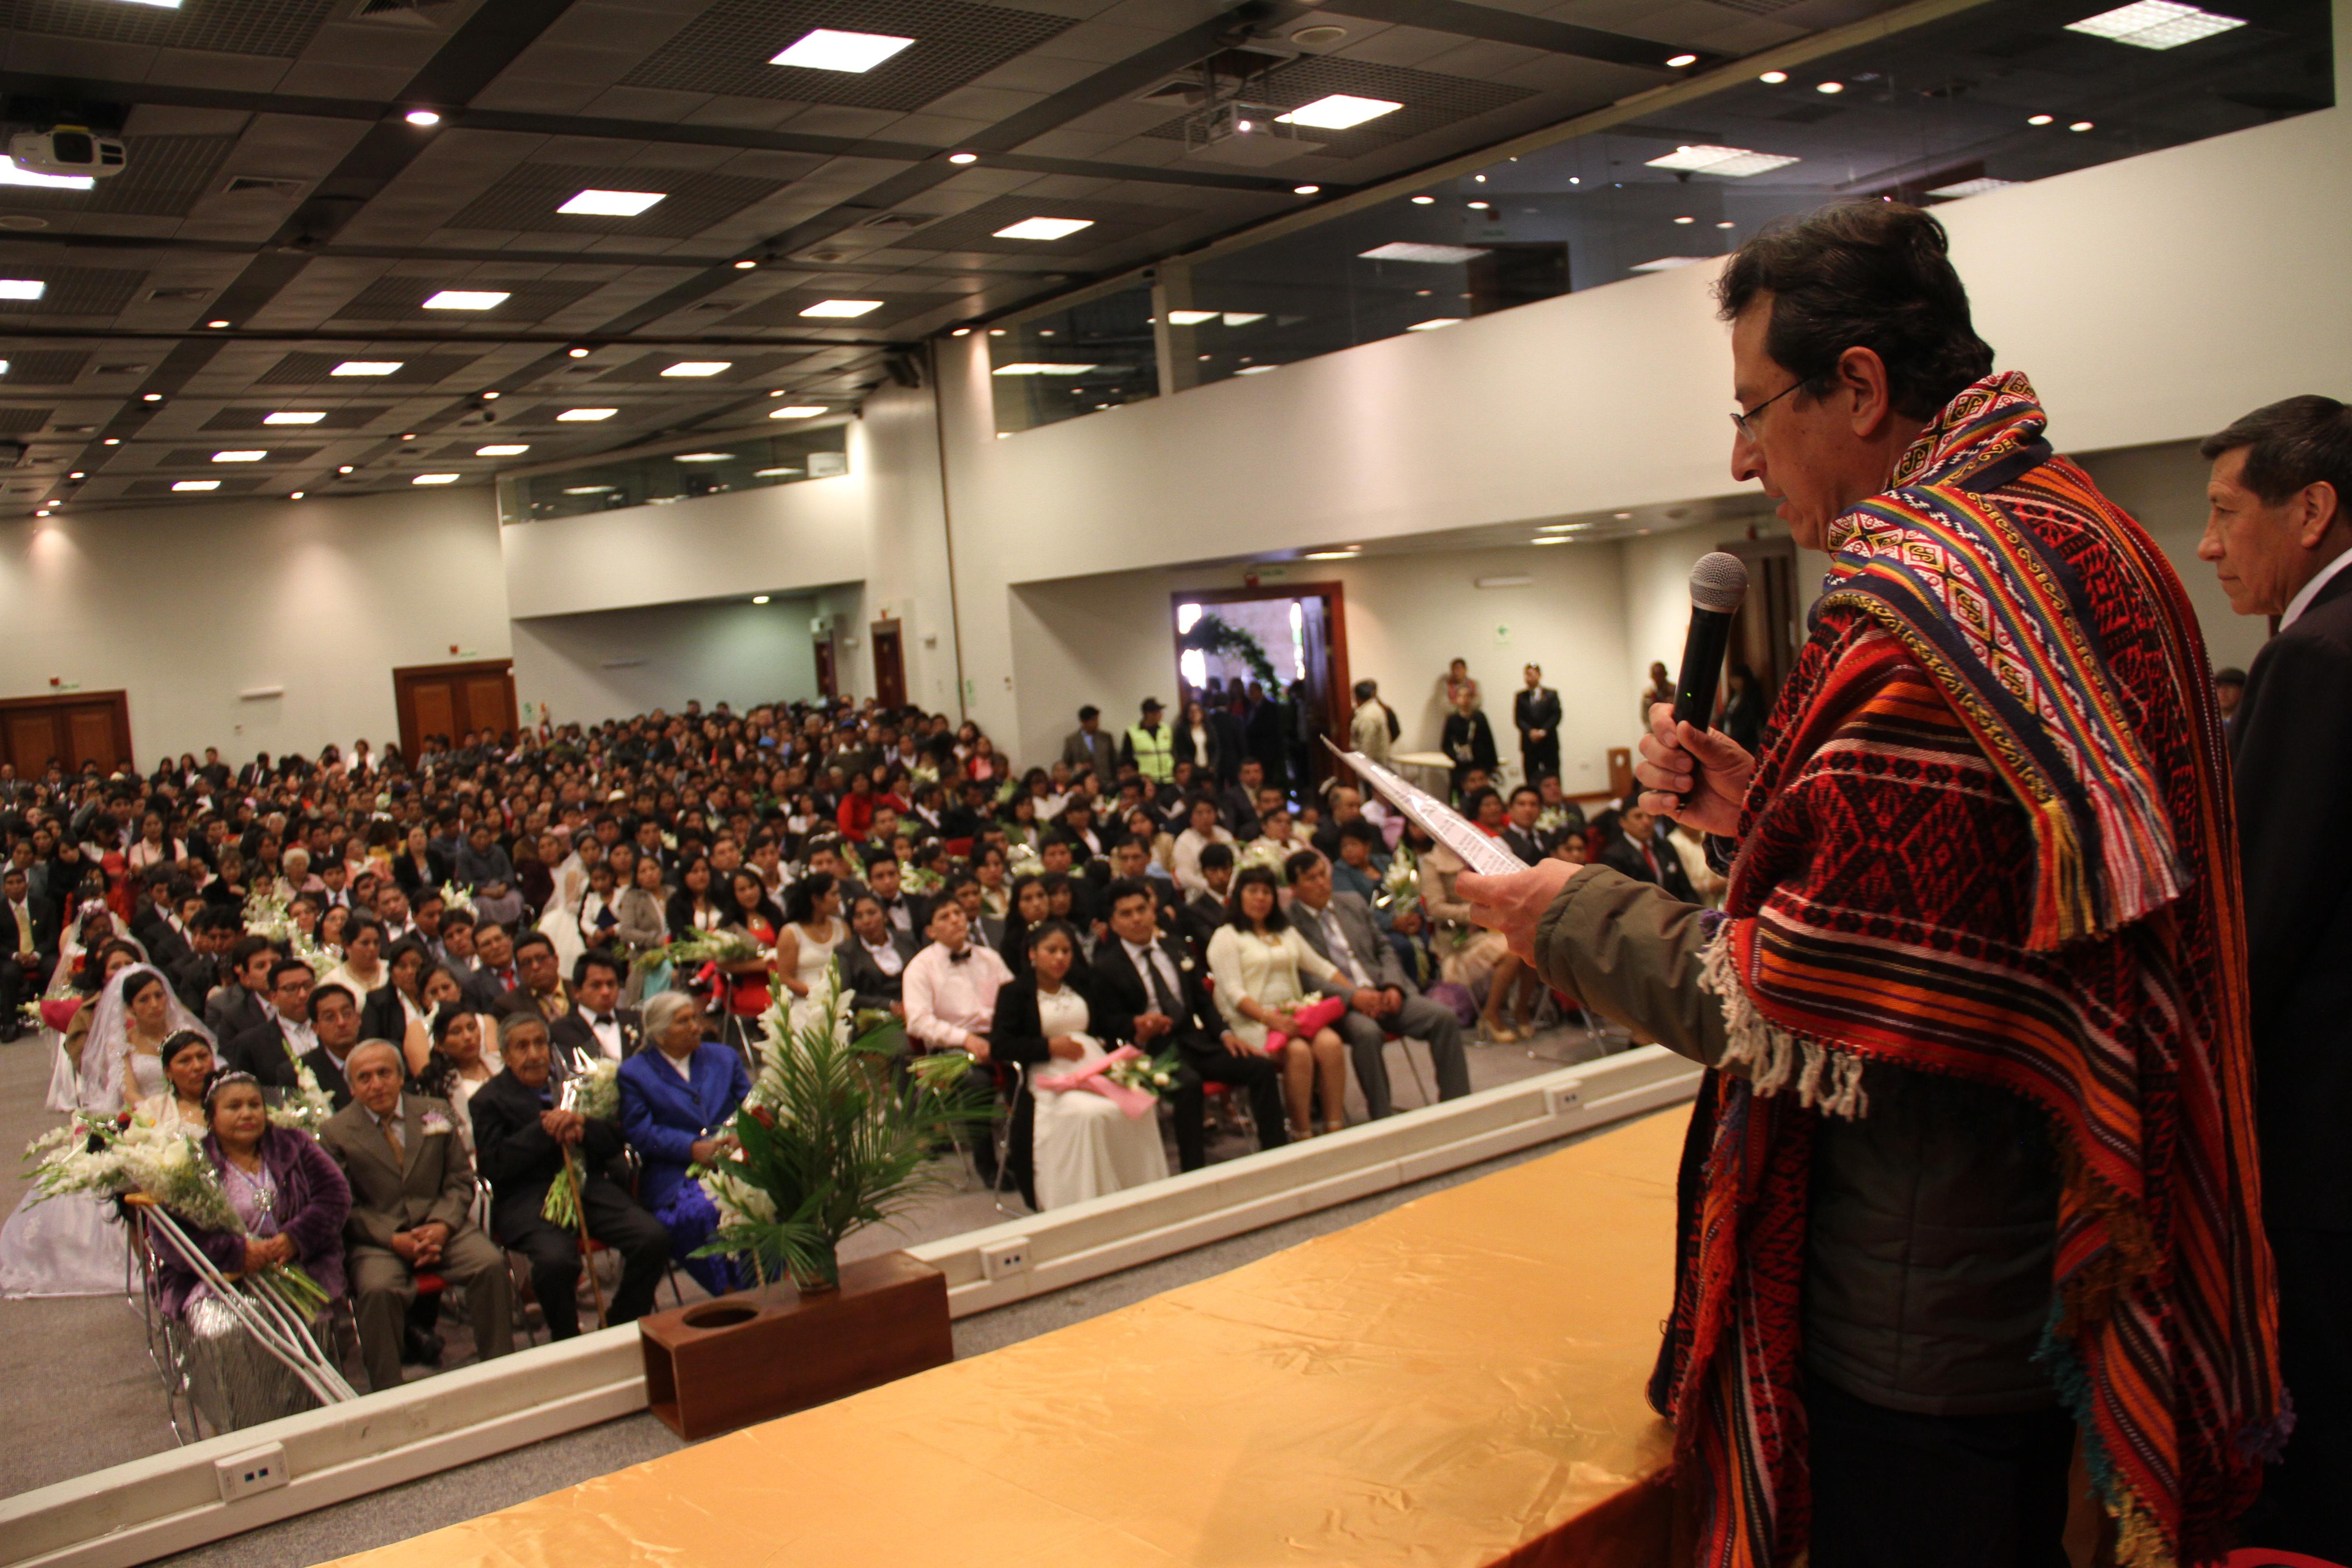 MUNICIPALIDAD PROVINCIAL DEL CUSCO ORGANIZA MATRIMONIO CIVIL COMUNITARIO 2018 Y CONFORMA  COMISIÓN ORGANIZADORA POR FIESTAS DEL CUSCO.